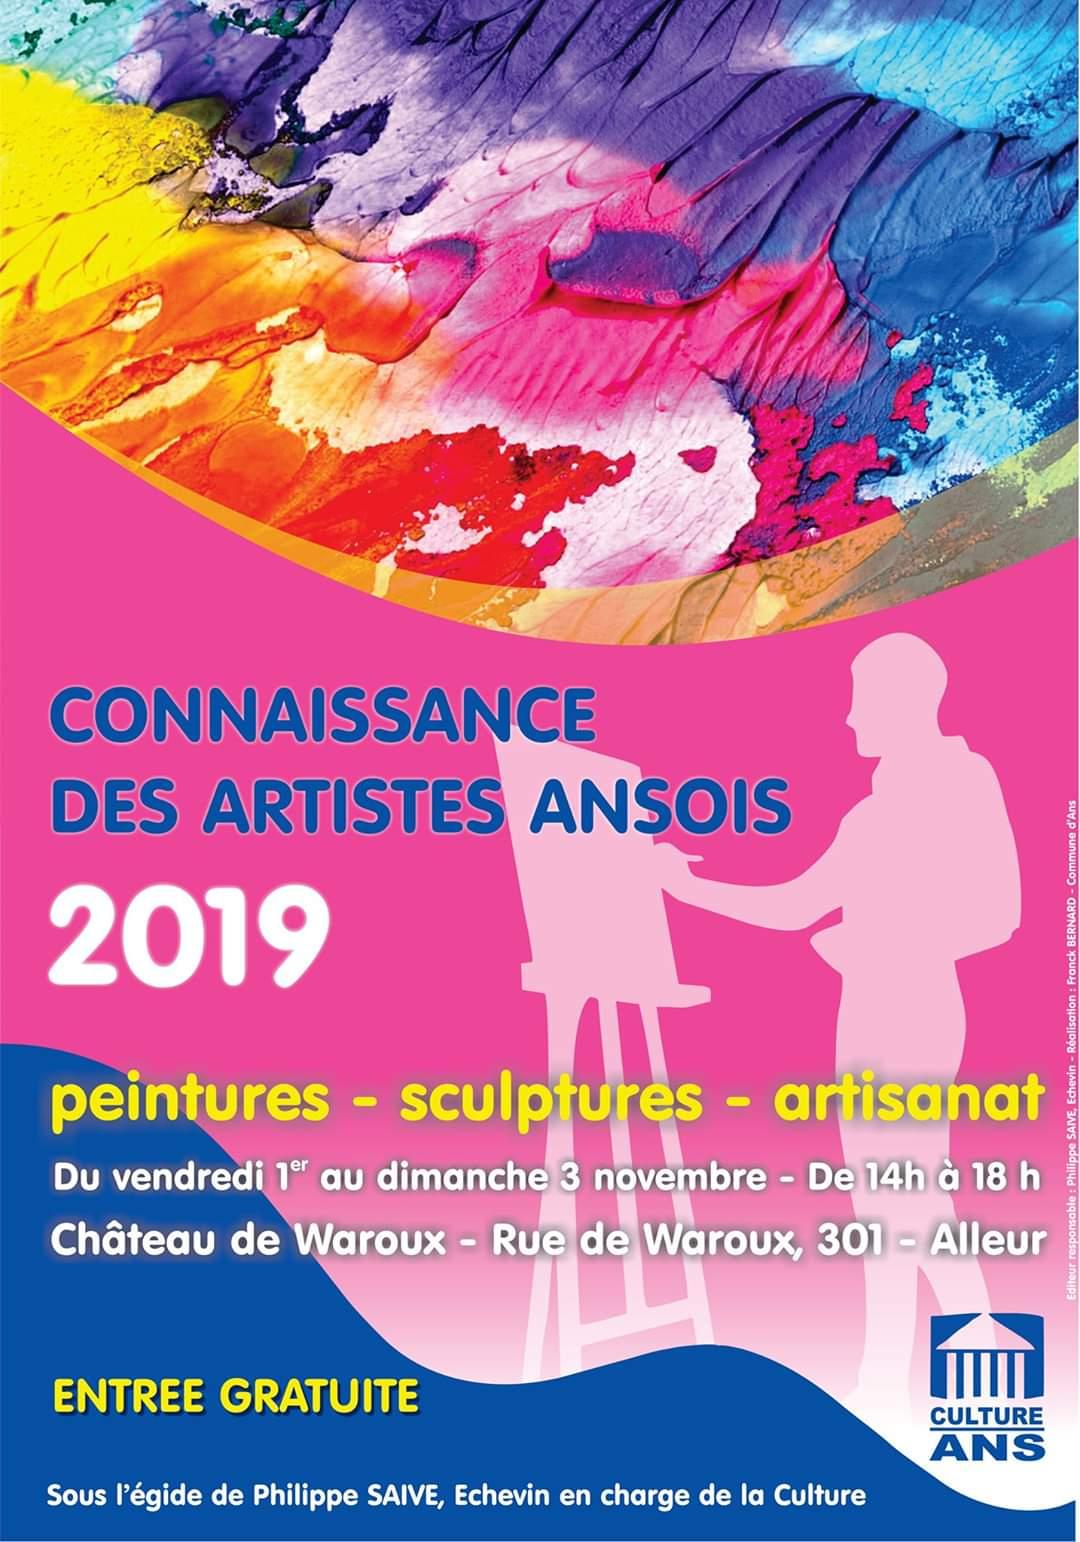 Connaissance de artistes ansois 2019